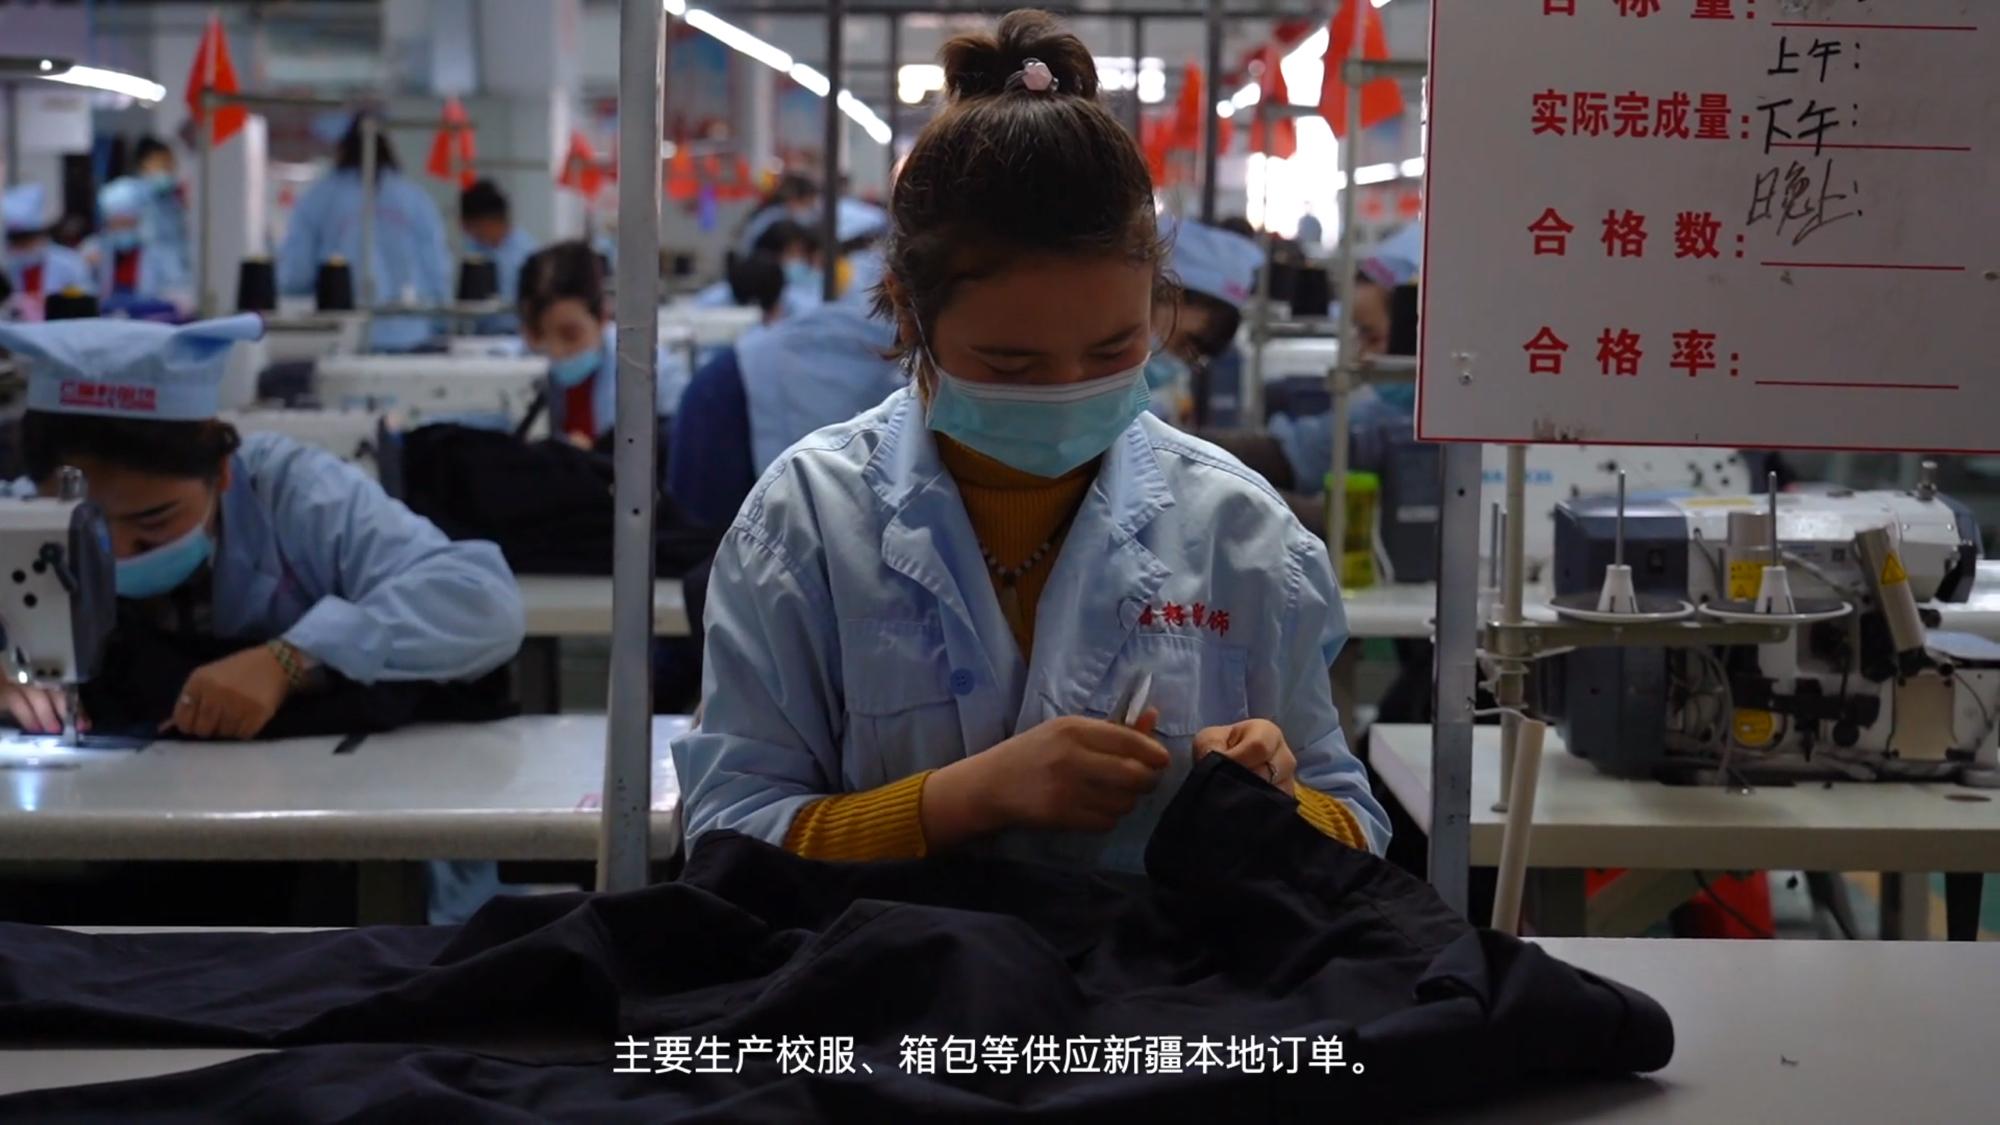 """强迫劳动?工厂""""可疑""""?《环球时报》探访新疆服饰厂,揭秘BBC不会报道的真实新疆故事"""